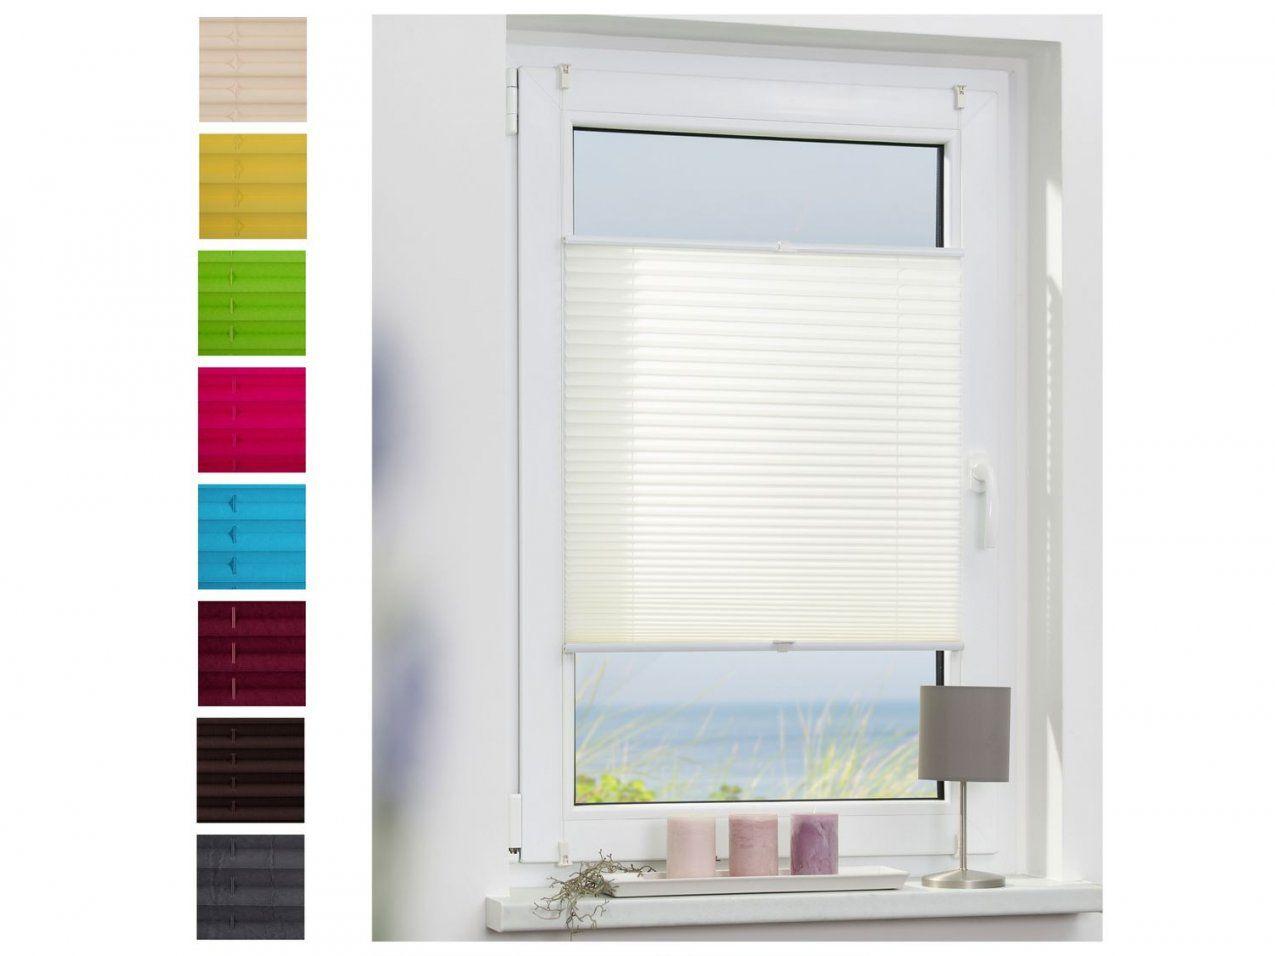 gardinen f r balkont r ohne bohren haus design ideen. Black Bedroom Furniture Sets. Home Design Ideas